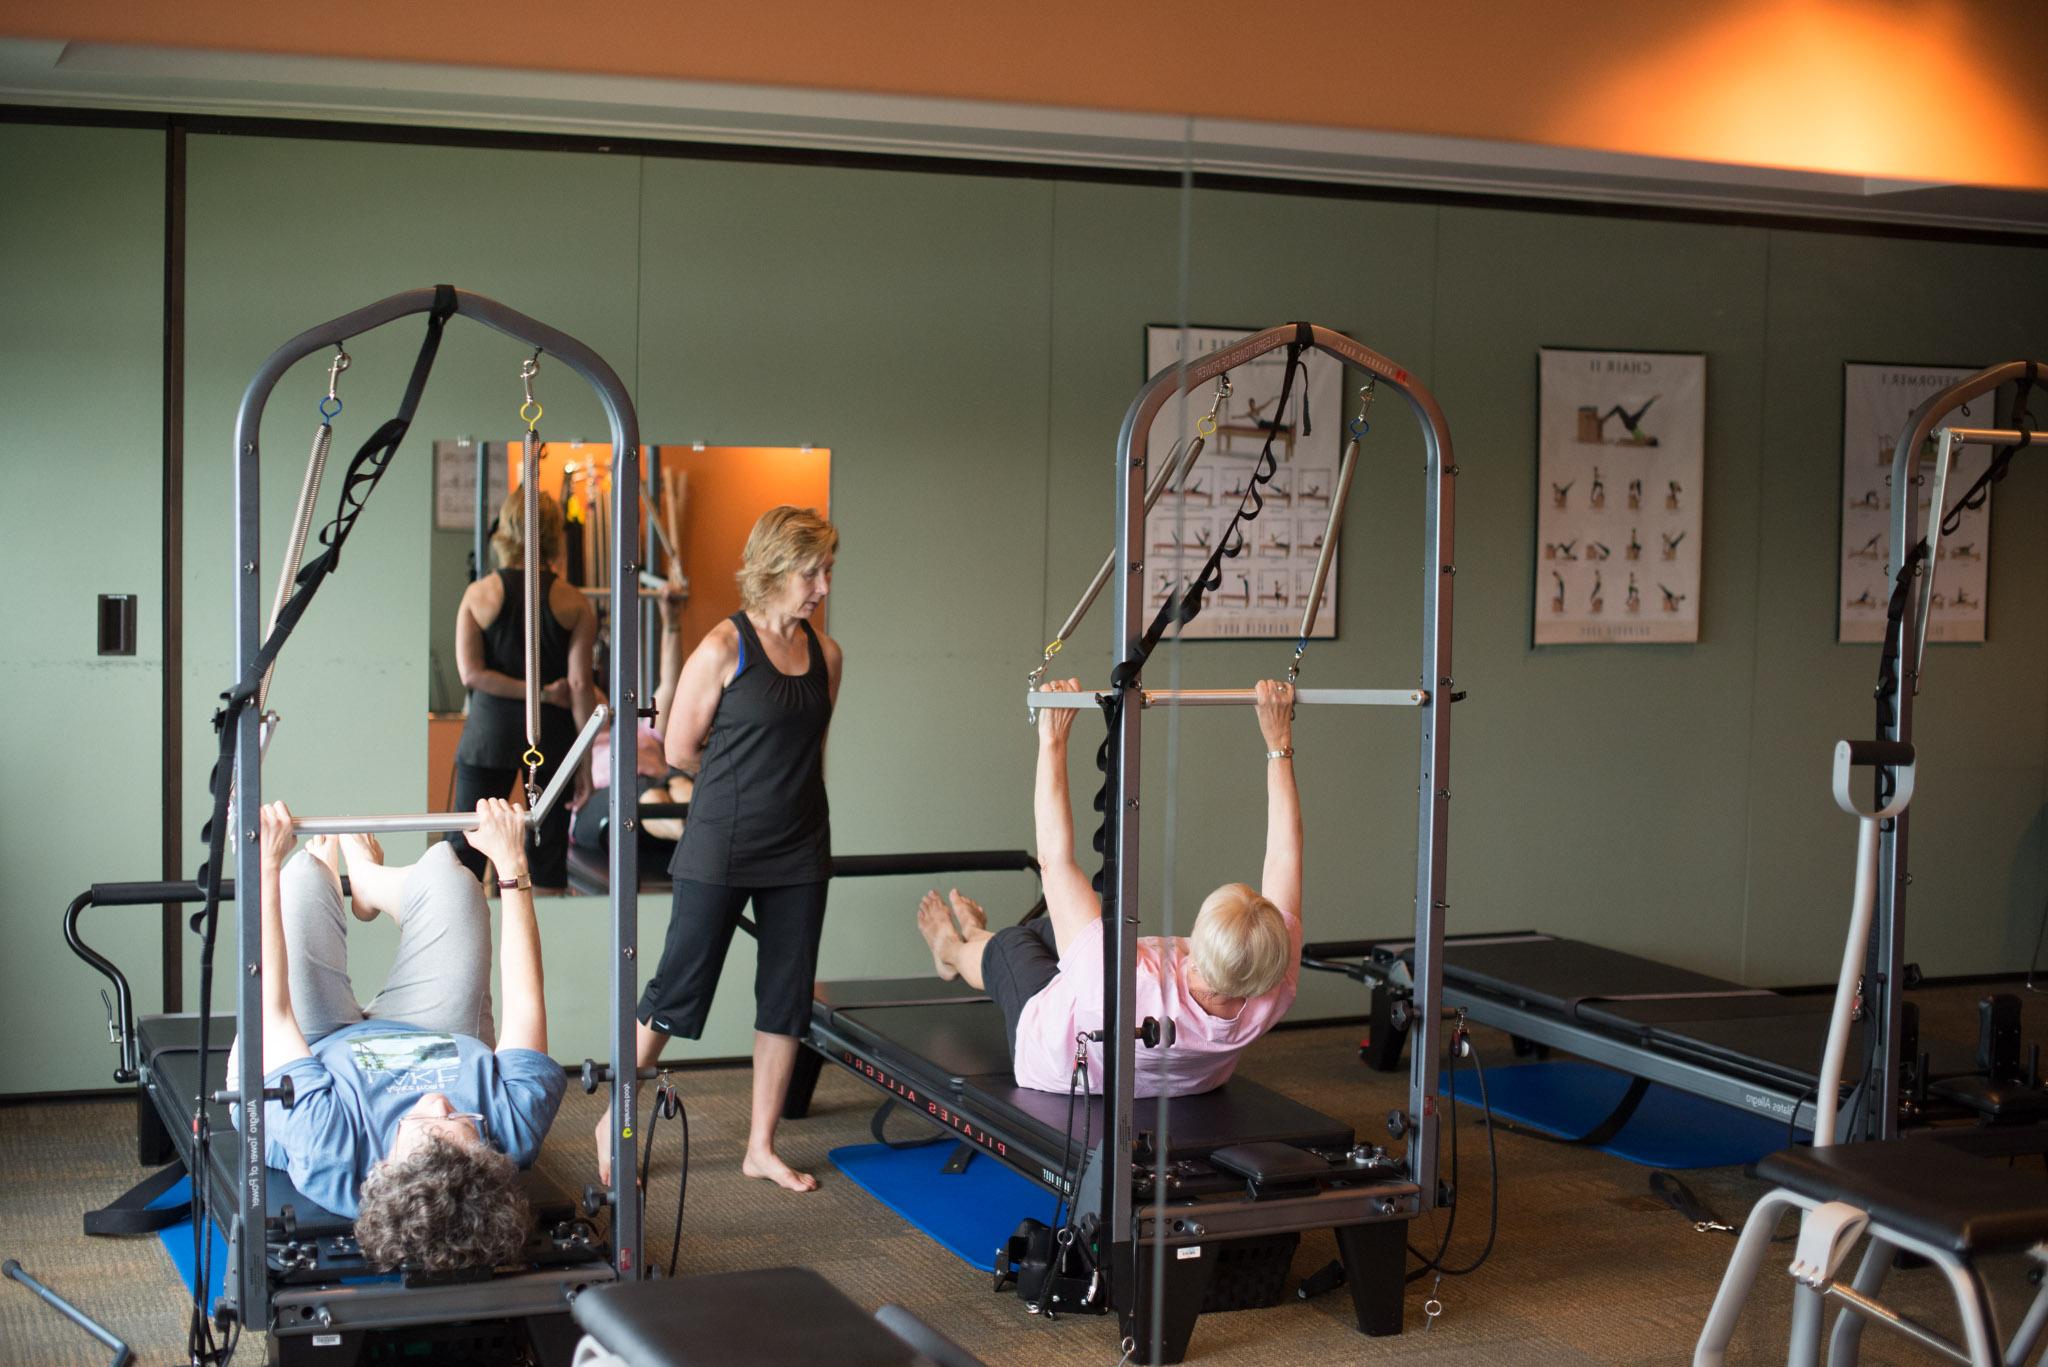 Wellness Center Stock Photos-1131.jpg